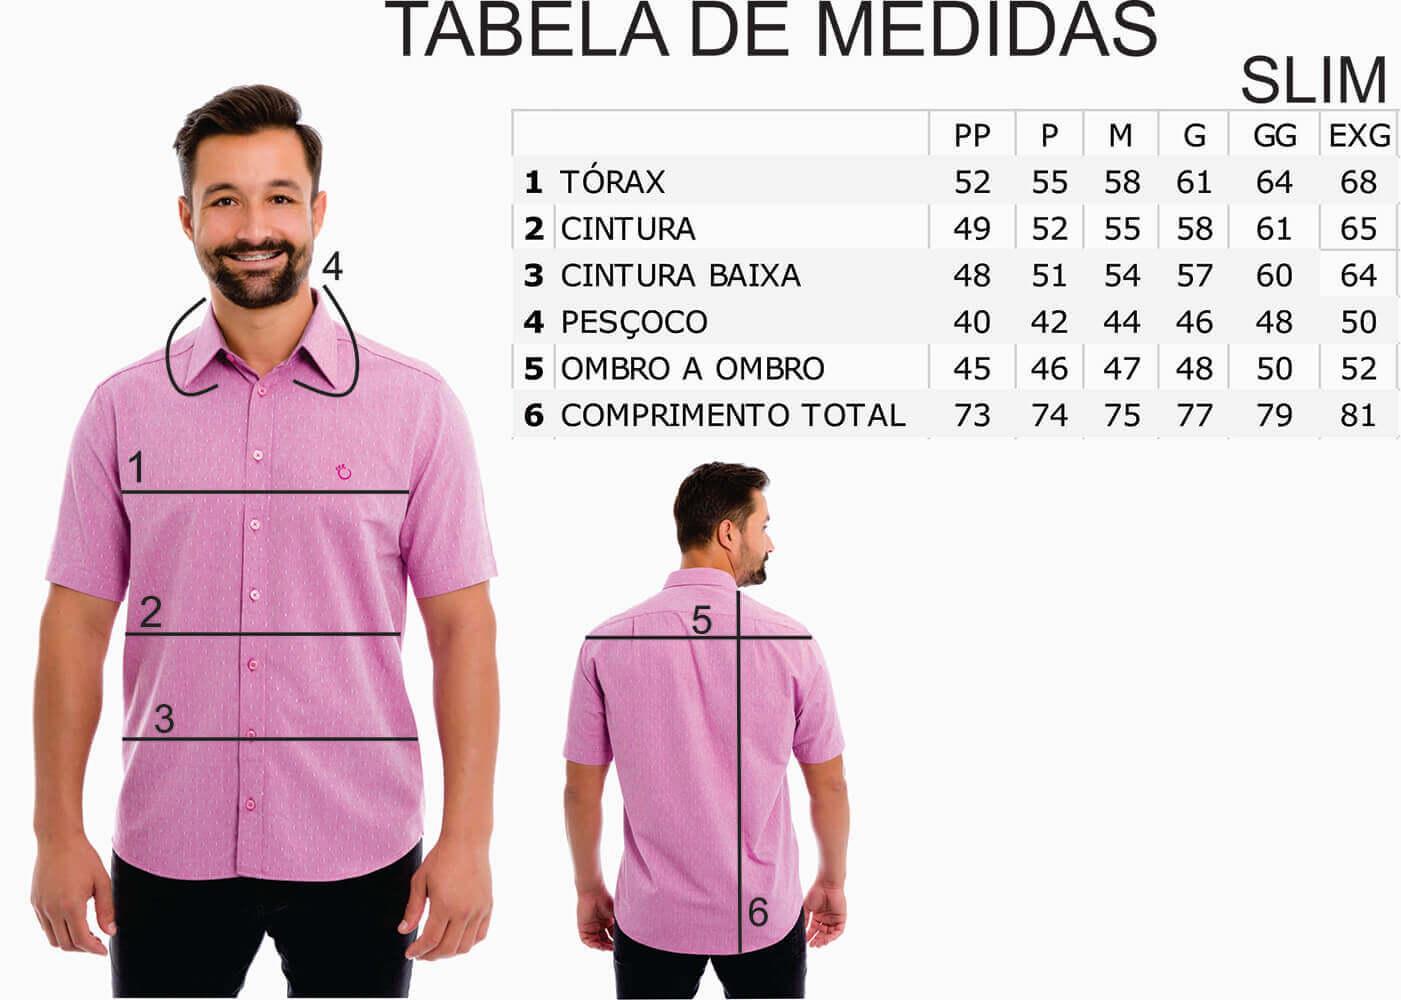 Camisa Social Masculina Slim Olimpo Maquinetada 100% Algodão Fio 50 Manga Curta Marinho